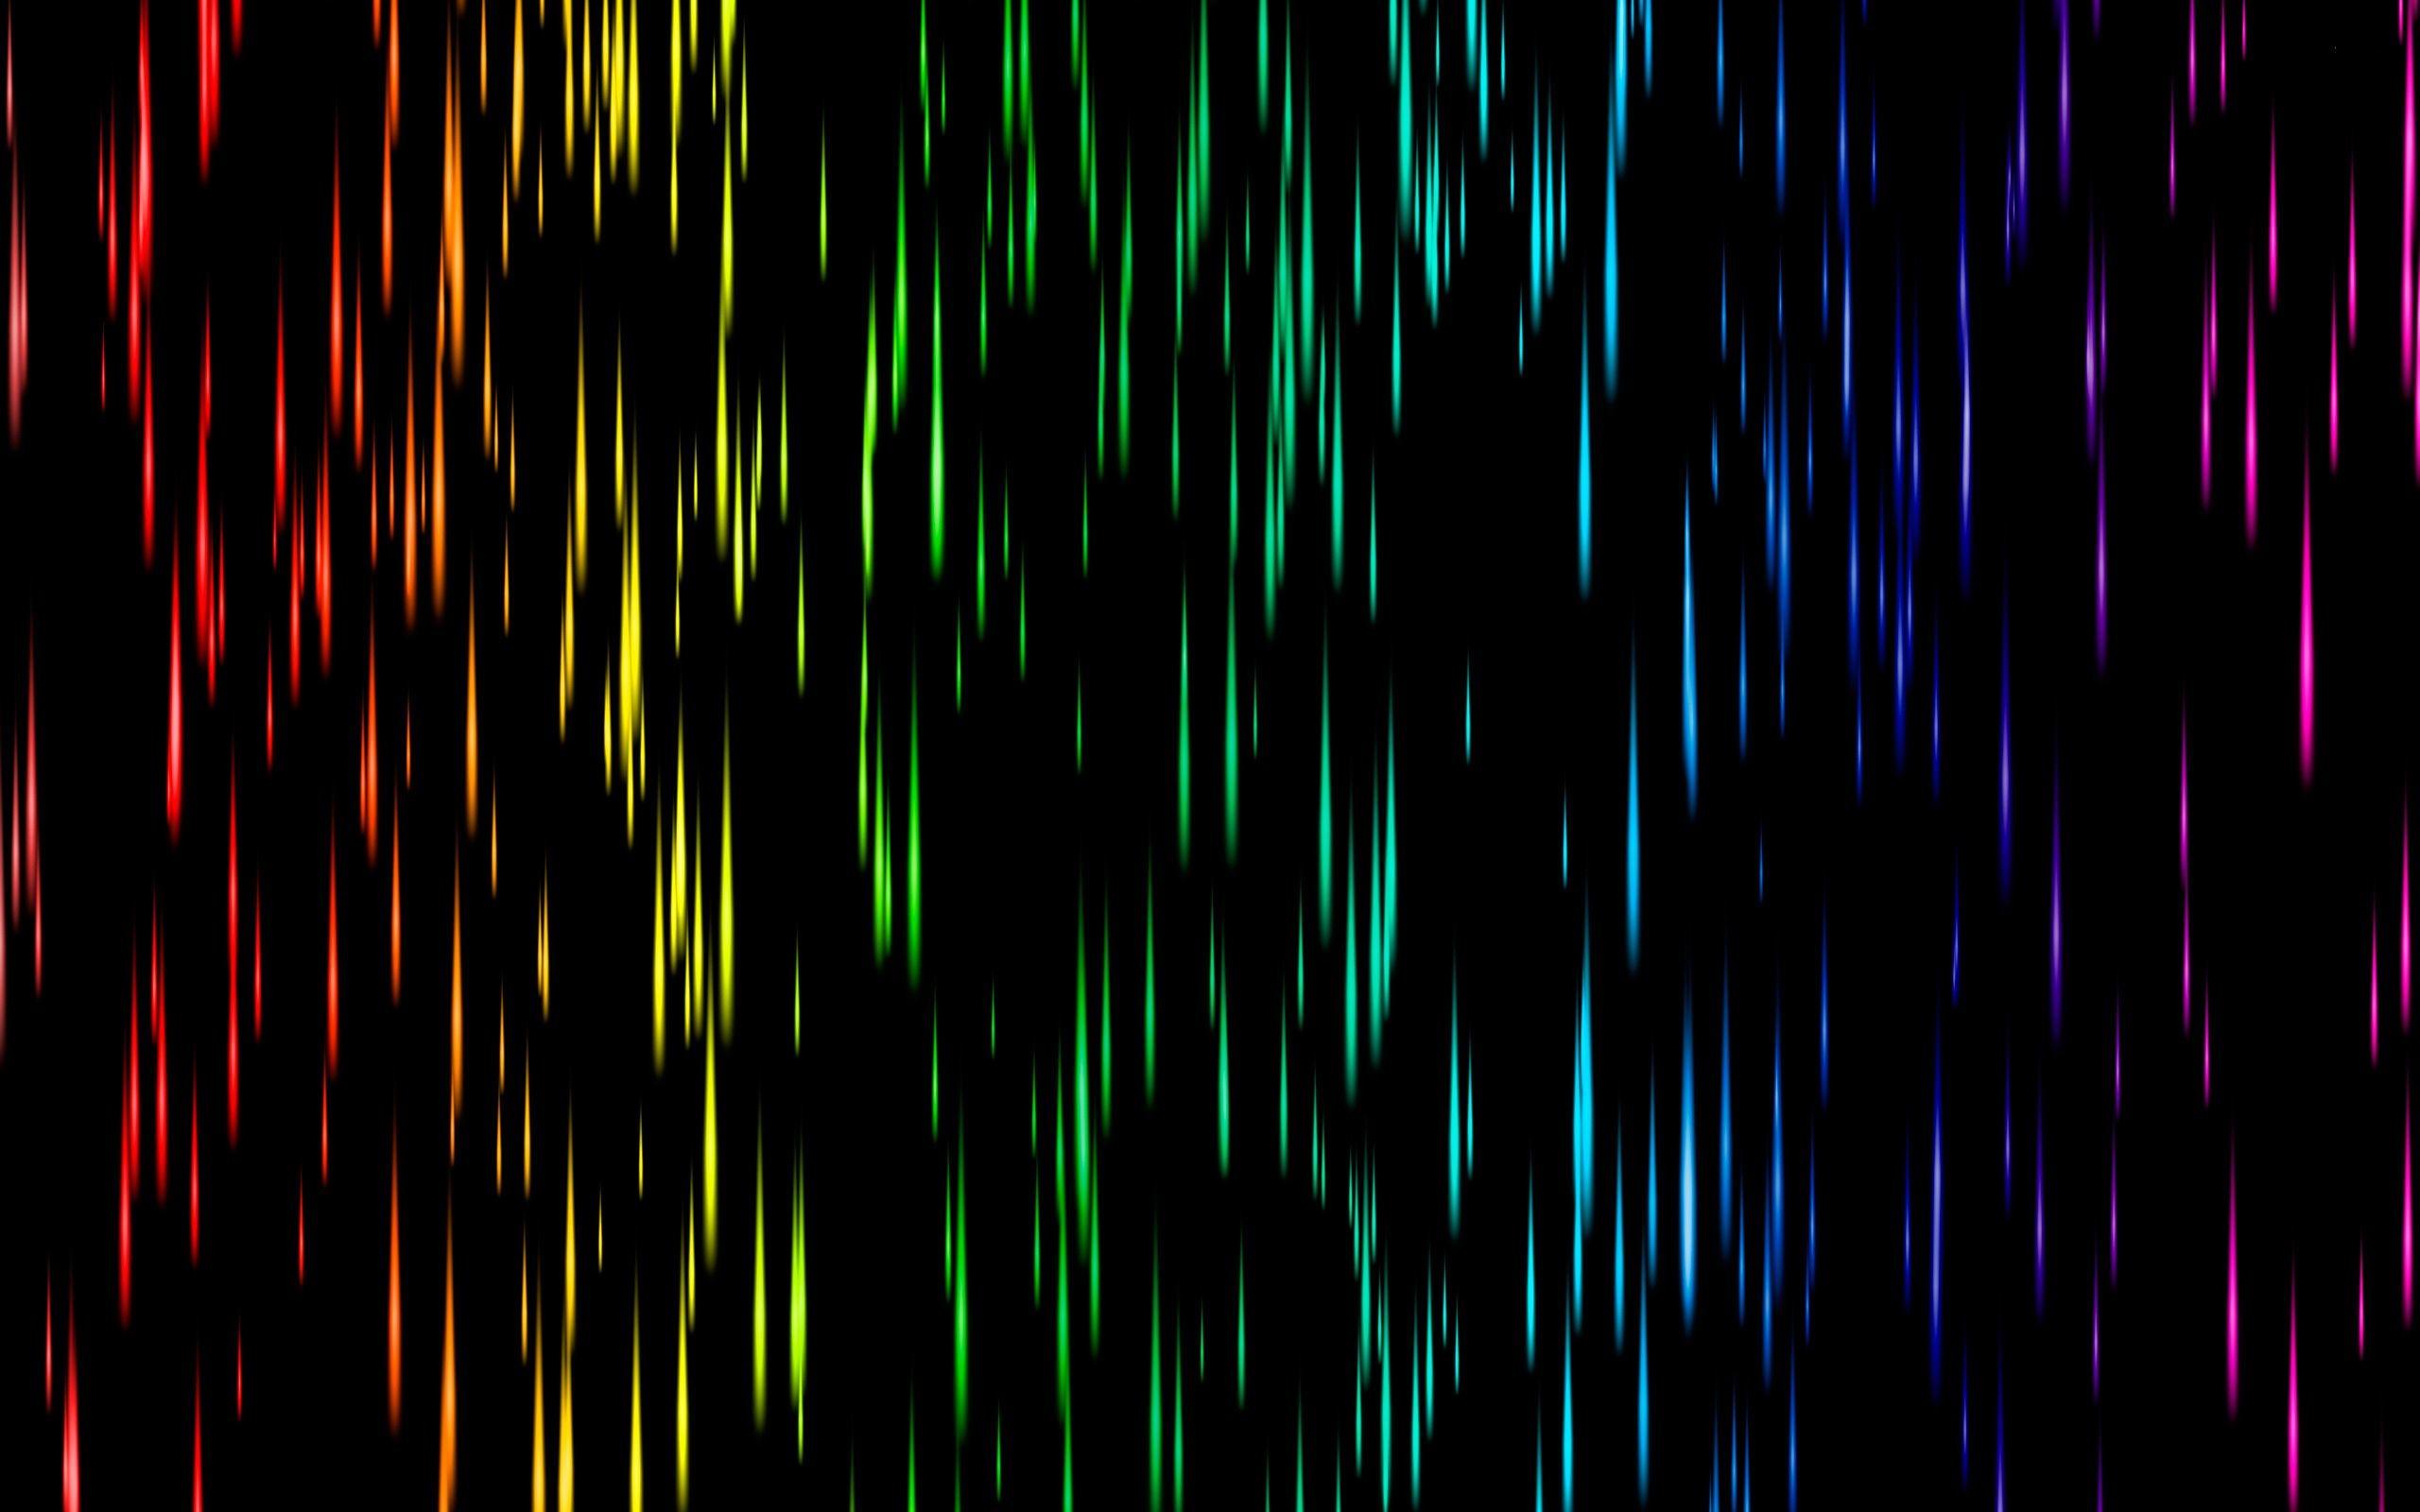 Abstract Rainbow Wallpaper 1080p #1tg ~ Abstract Wallpaper at .